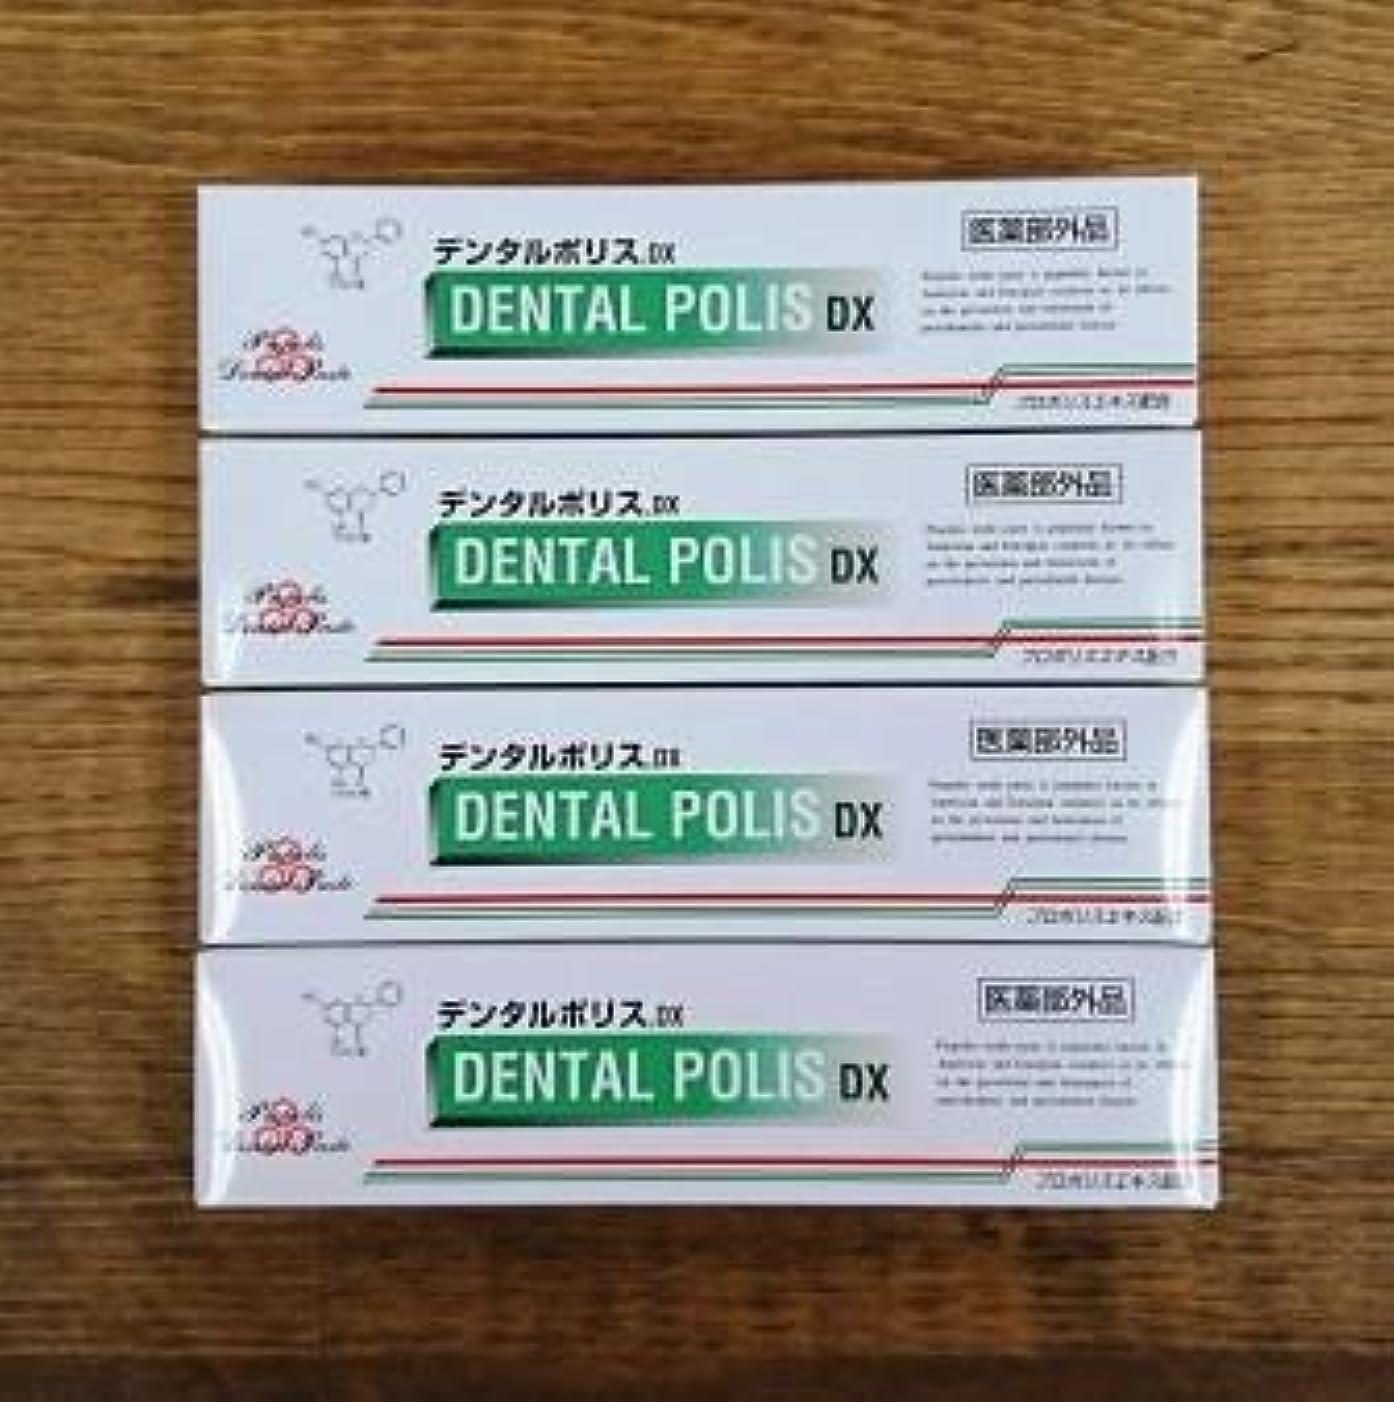 スモッグ誤ってバッテリーデンタルポリスDX80g×4本セット 医薬部外品  歯みがき